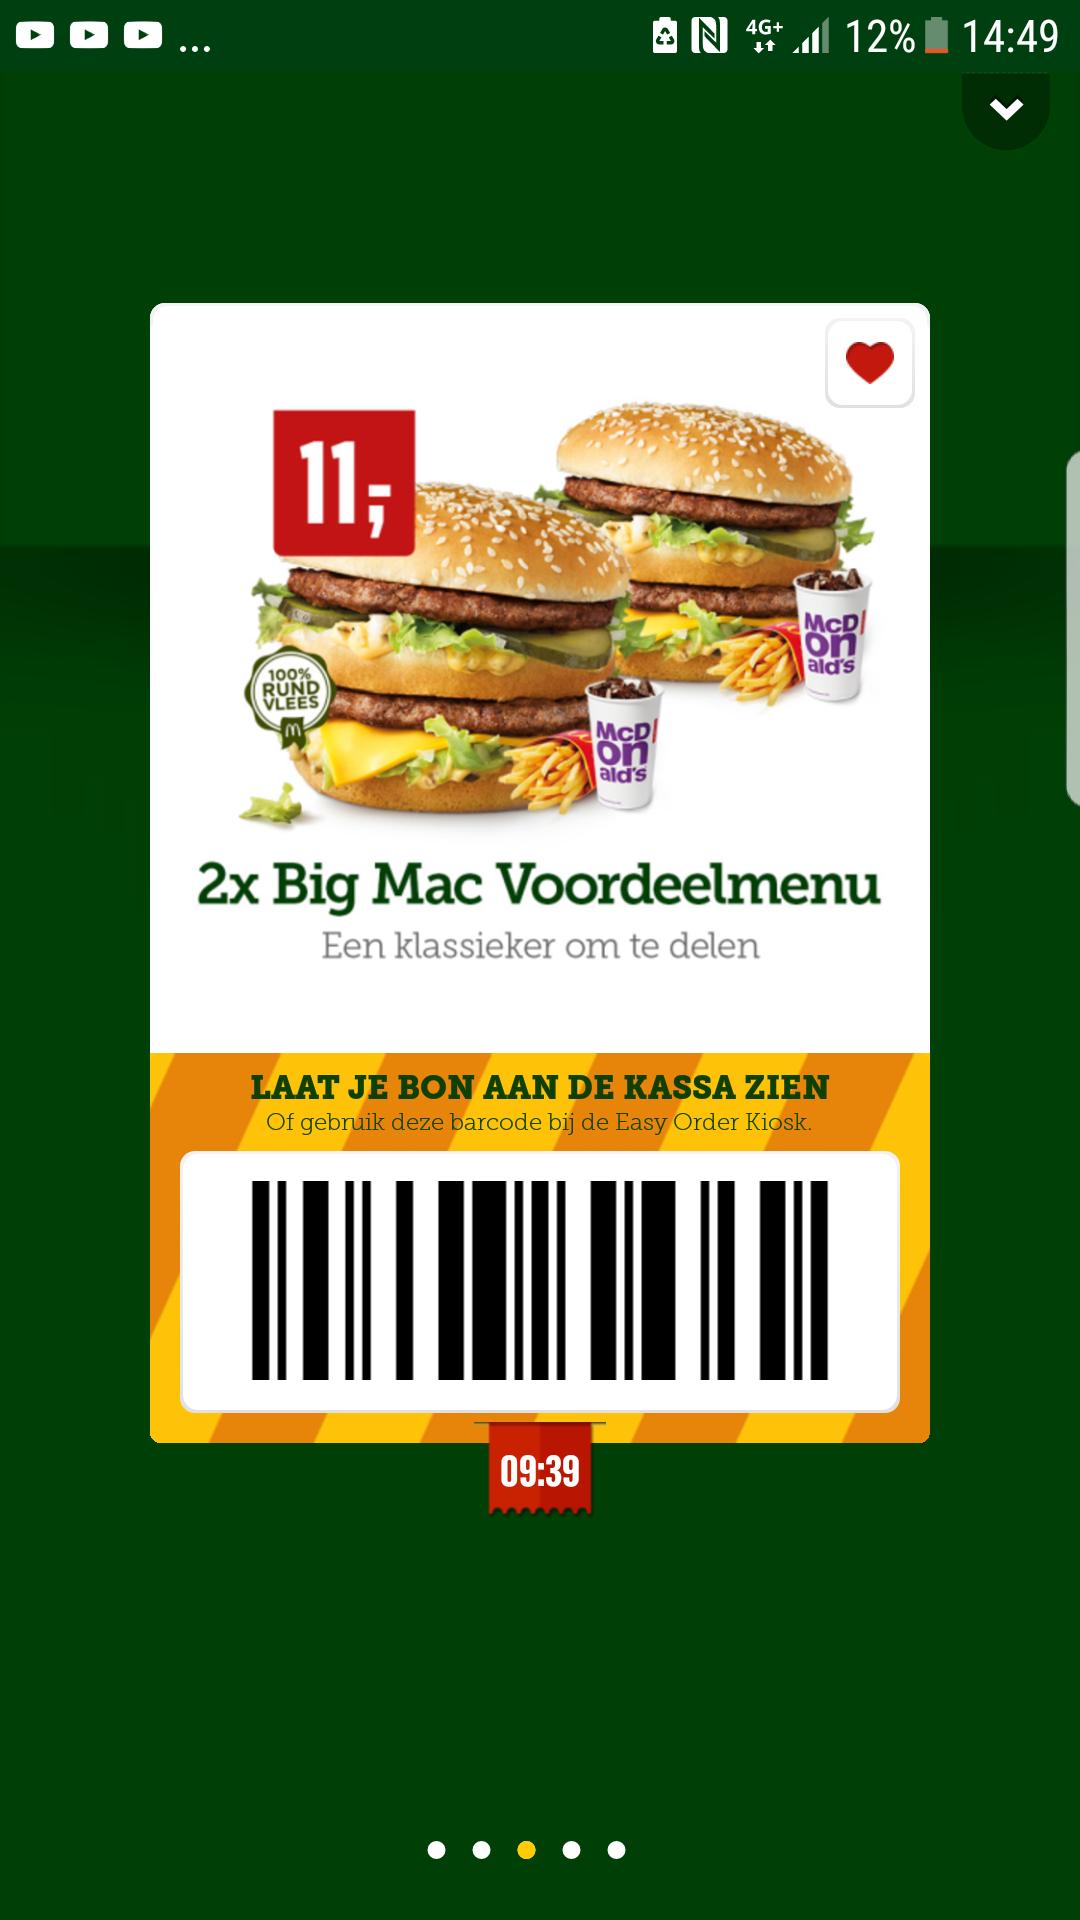 2 x bigmac voordeel menu voor €11 @ McDonalds